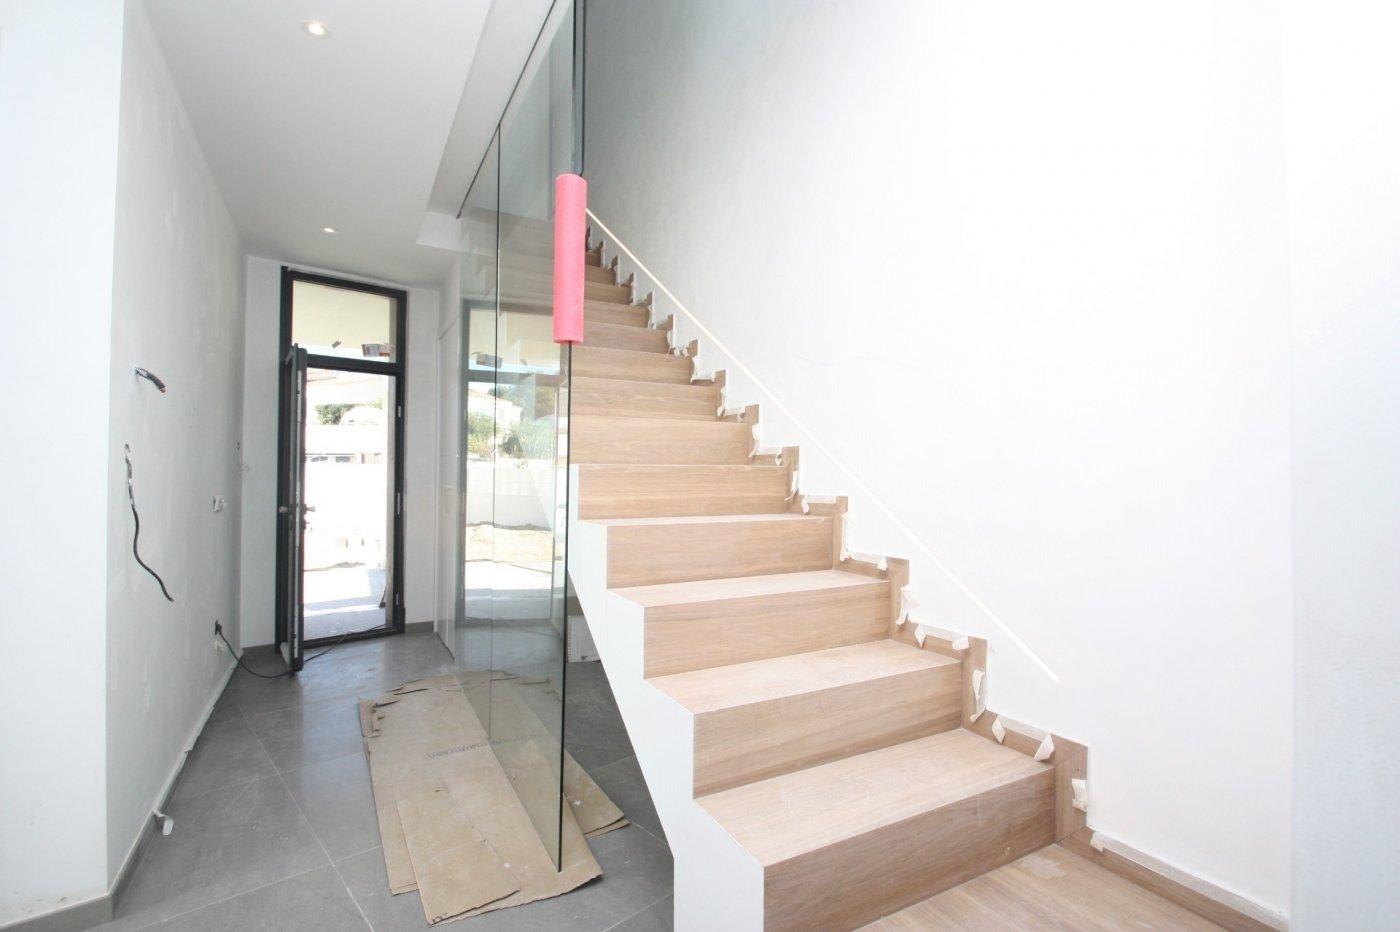 Villa de obra nueva de estilo moderno en venta en calpe a 600 m de la playa - imagenInmueble20